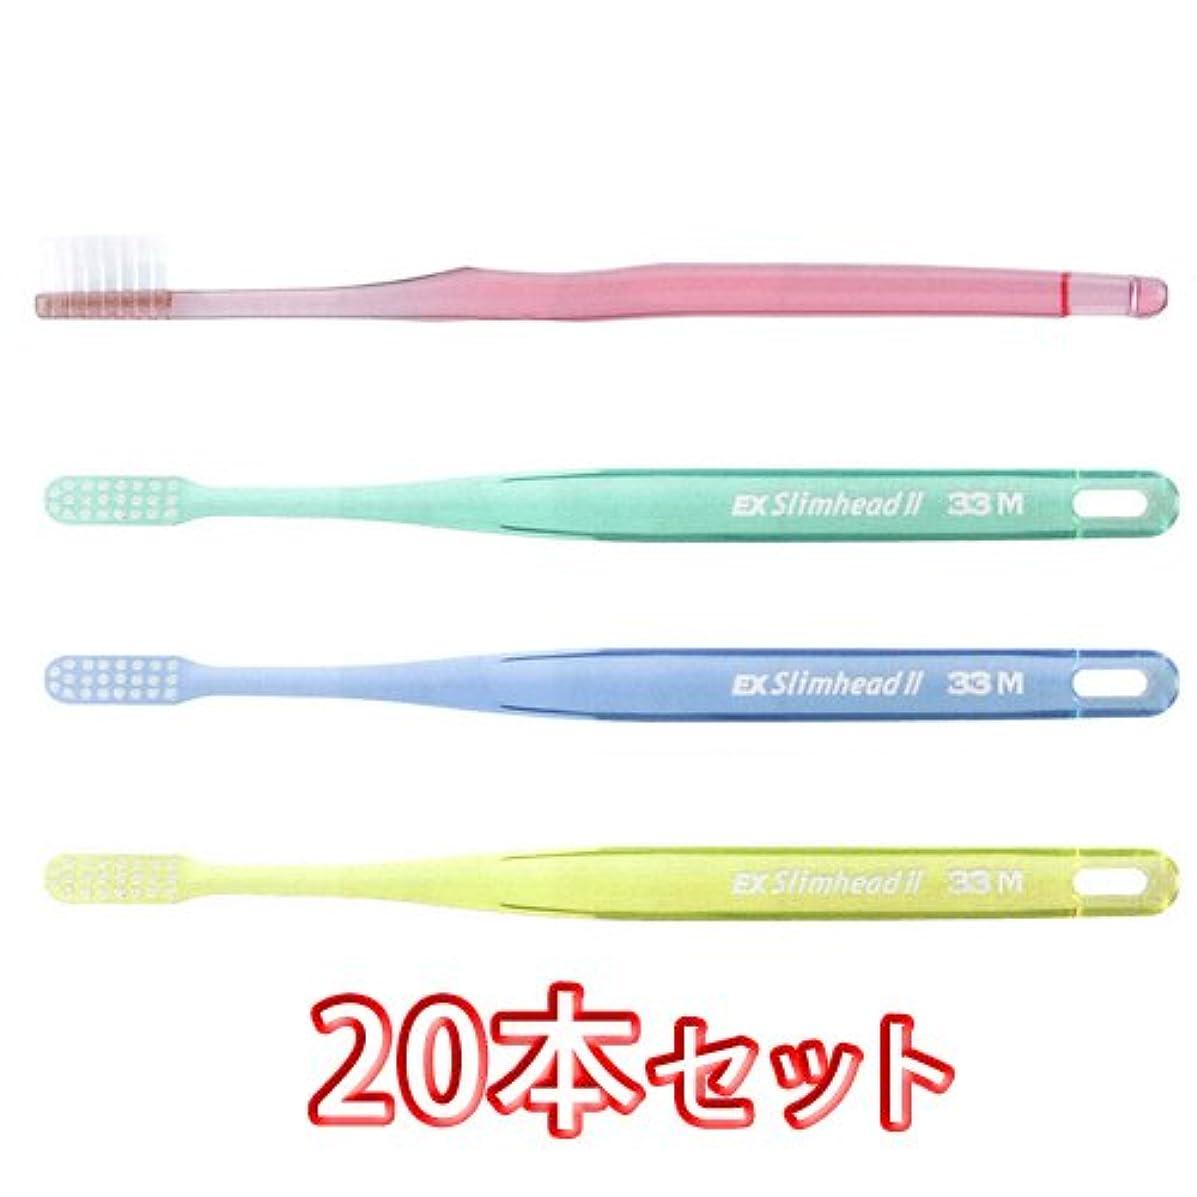 櫛結び目体操ライオン スリムヘッド2 歯ブラシ DENT . EX Slimhead2 20本入 (33M)